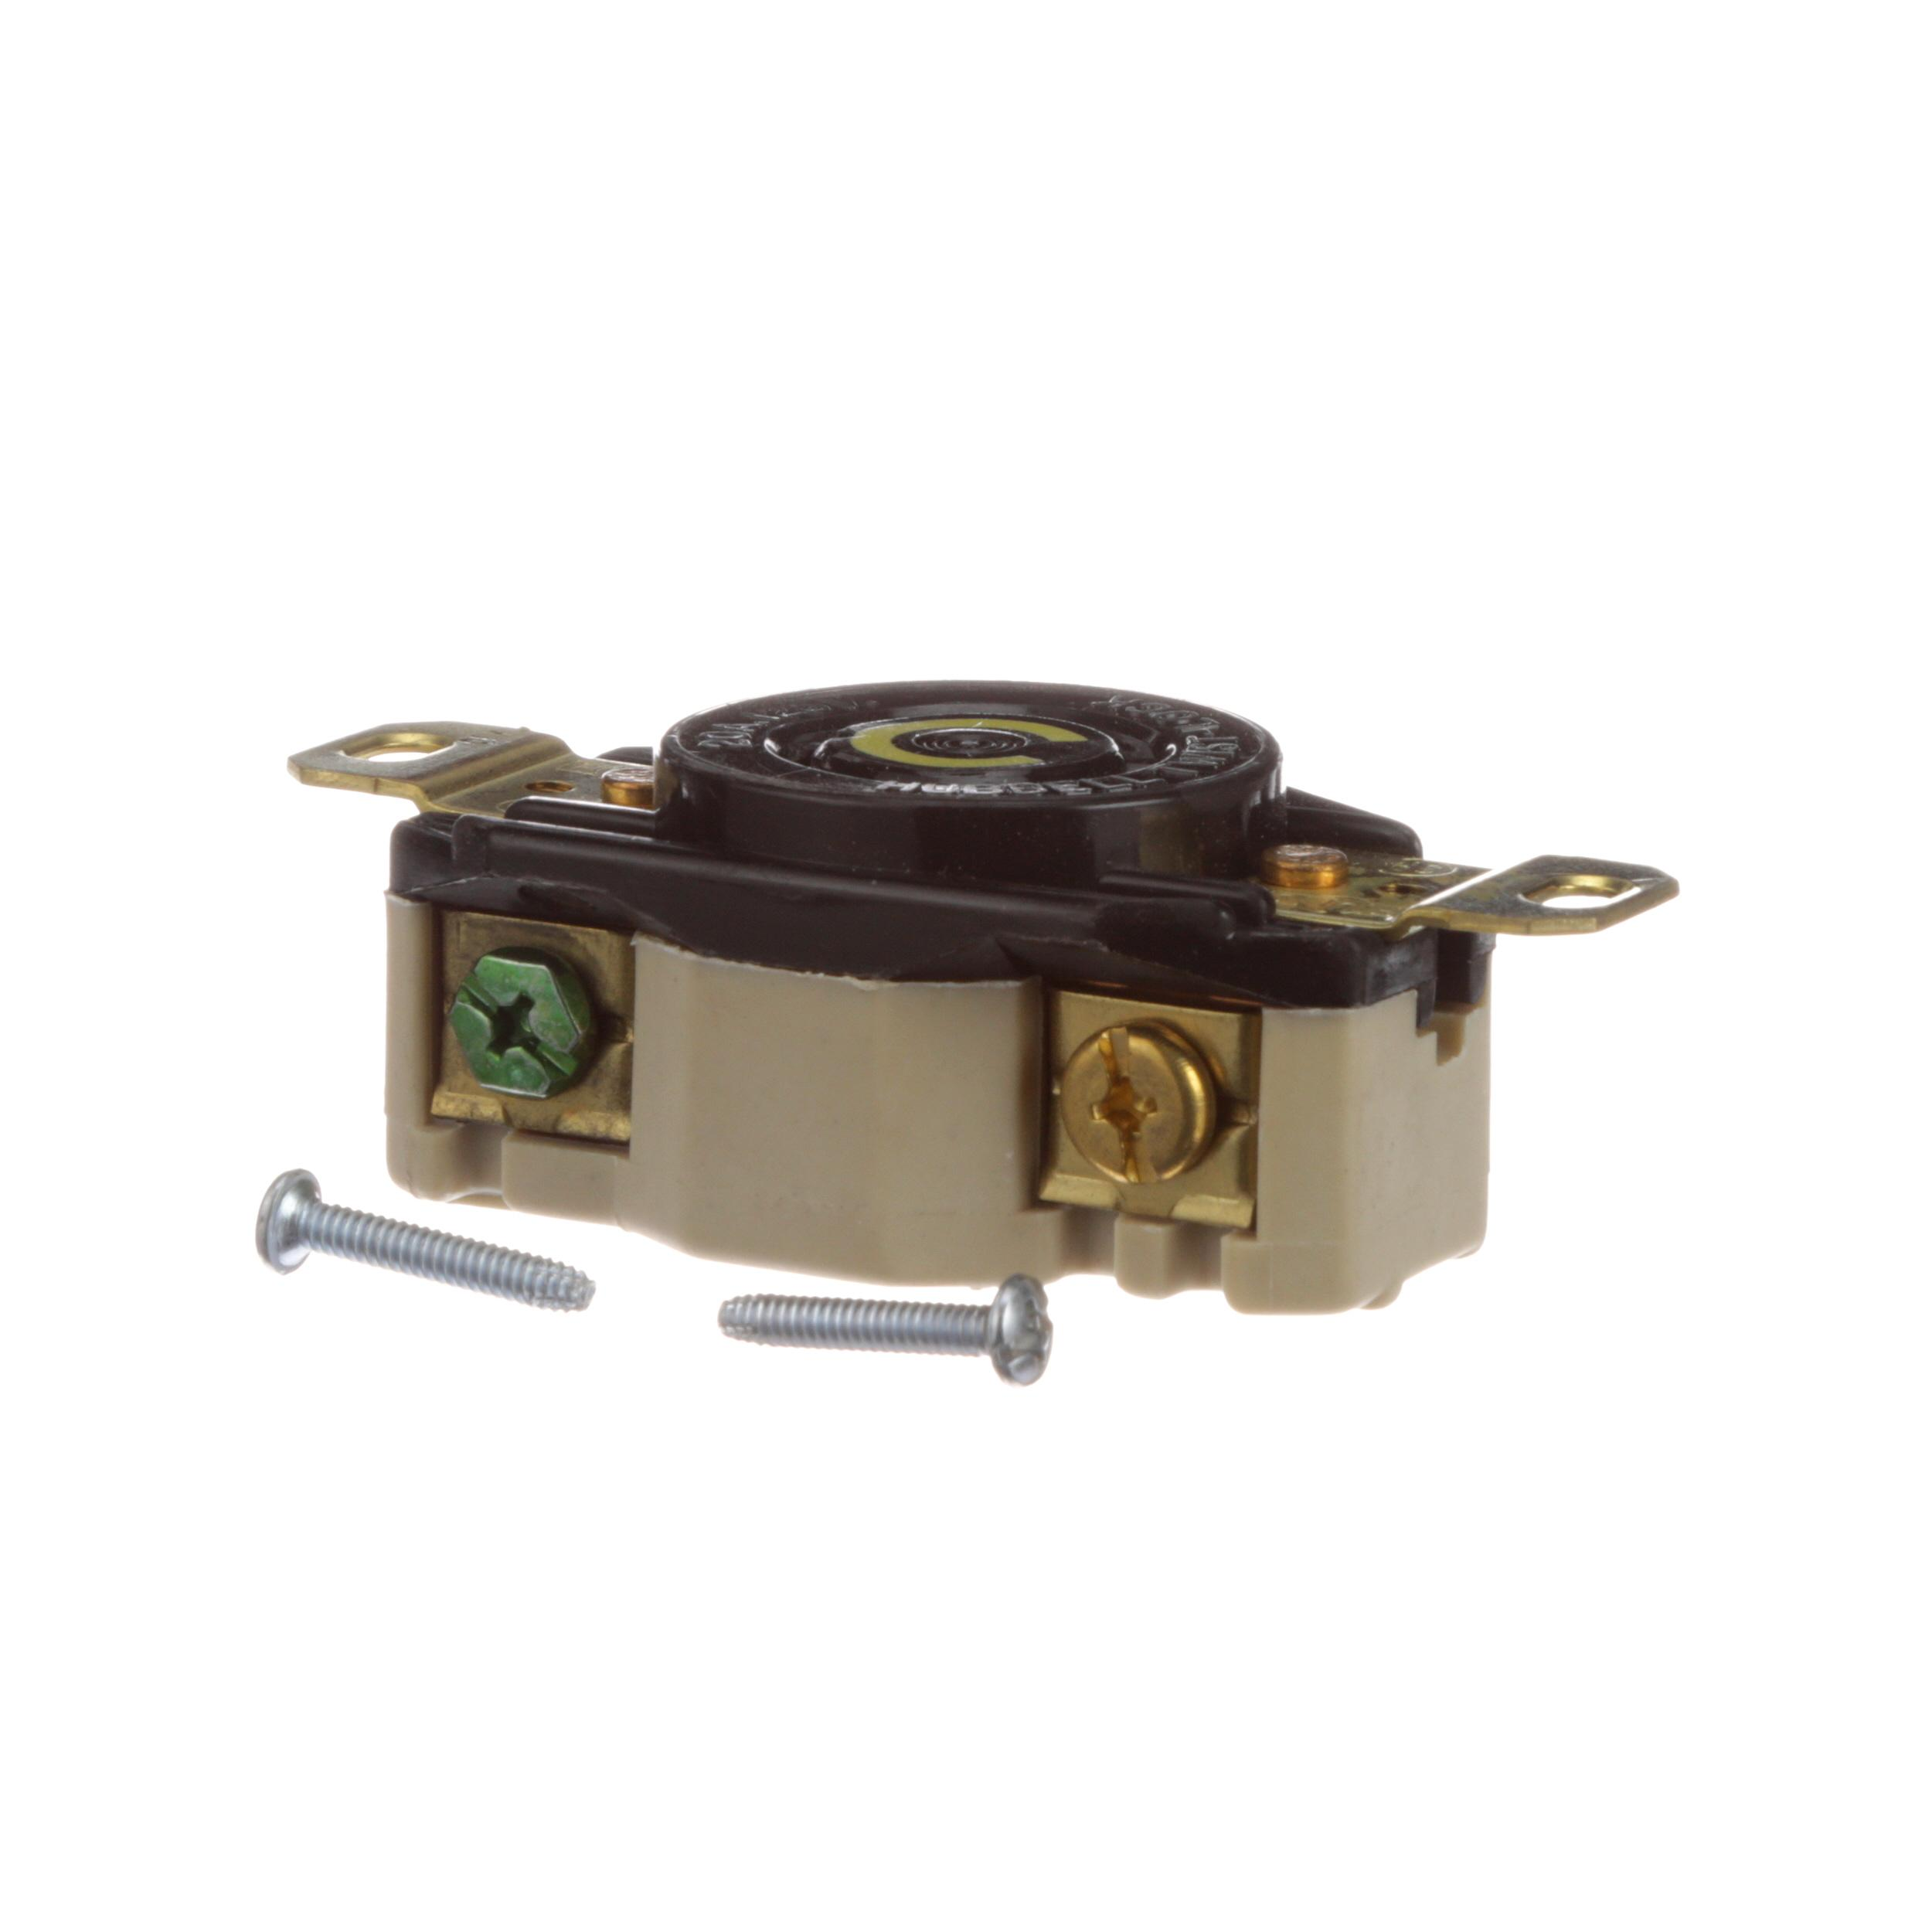 Hubbell Twist Lock Plug Part Hbl2310a